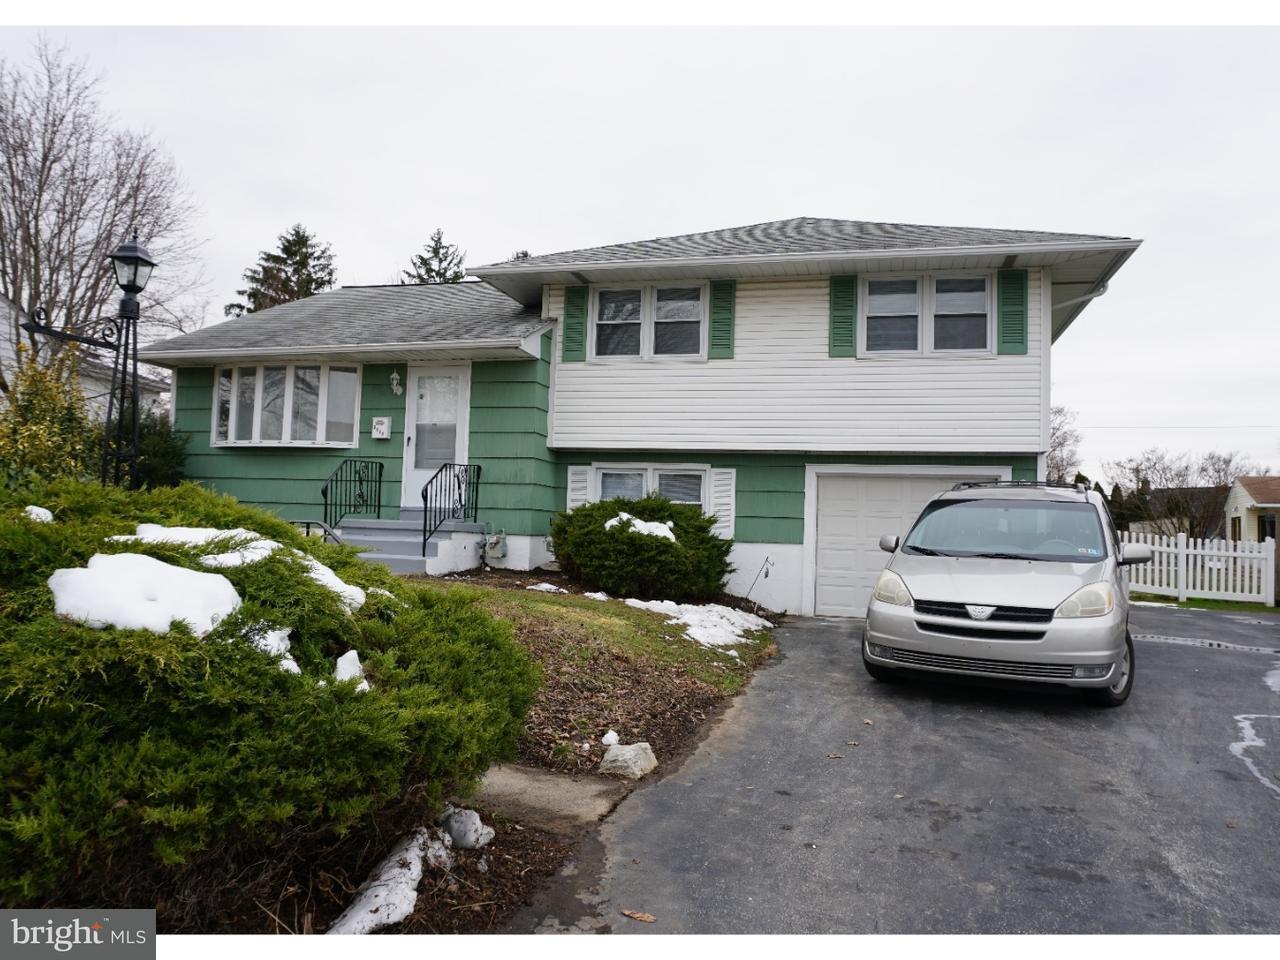 独户住宅 为 销售 在 3574 SWIFTWATER Lane Brookhaven, 宾夕法尼亚州 19015 美国